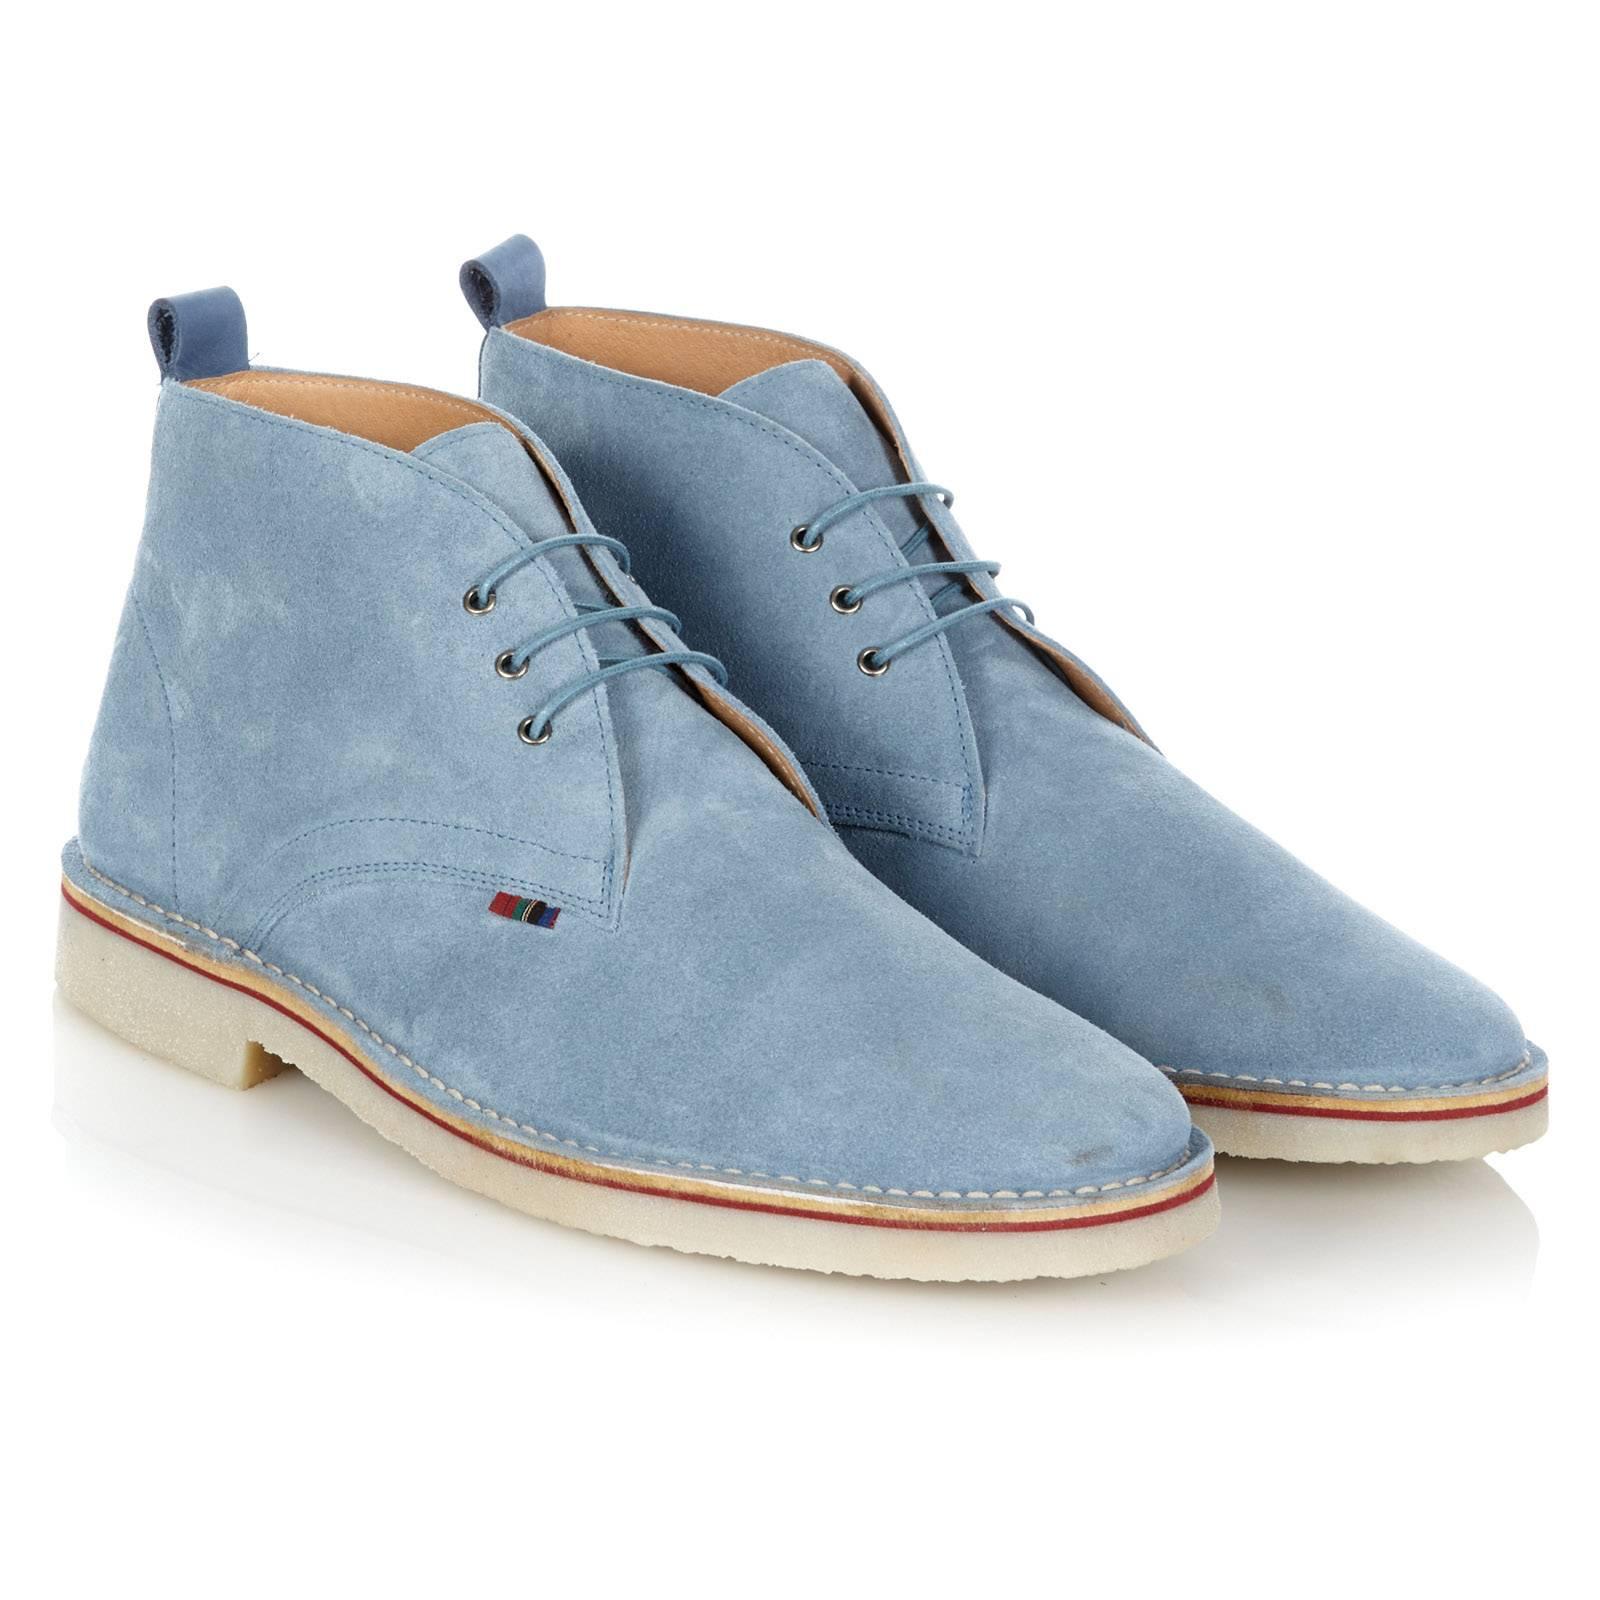 Дезерты HanoverОбувь<br>Легендарная, родом из 60-х, модель кэжуальных ботинок &amp;amp;quot;Desert Boots&amp;amp;quot; - must-have для любого casual модника и основа современного повседневного стиля. Пришедшие в моду из гардероба Британских военных времен Второй мировой войны, в 60-х Дезерты стали модной иконой в задававших тон субкультурах и европейских творческих кругах. С тех пор эти ботинки не сходят со страниц fashion журналов, а их актуальность сегодня не вызывает сомнений. &amp;lt;br /&amp;gt;<br>&amp;lt;br /&amp;gt;<br>Произведенные в Испании из высококачественной замши в лучших классических традициях стиля, Дезерты Merc комфортны, долговечны и поистине универсальны. Четкое соответствие заявленным размерам - важное дополнение к преимуществам этой модели.&amp;lt;br /&amp;gt;<br>&amp;lt;br /&amp;gt;<br>Desert Boots можно носить с джинсами или чиносами, они прекрасно сочетаются с рубашками-поло, трикотажем и Харрингтонами. Широкая цветовая палитра позволяет подобрать Дезерты Merc в тон верха или на контрасте, в соответствии с последними тенденциями. Фирменная отличительная деталь Дезертов Merc - маленький клетчатый &amp;amp;quot;тартановый&amp;amp;quot; ярлычек справа и тартановая стелька.<br><br>Артикул: 0913210<br>Материал: 100% кожа (замша)<br>Цвет: голубой<br>Пол: Мужской